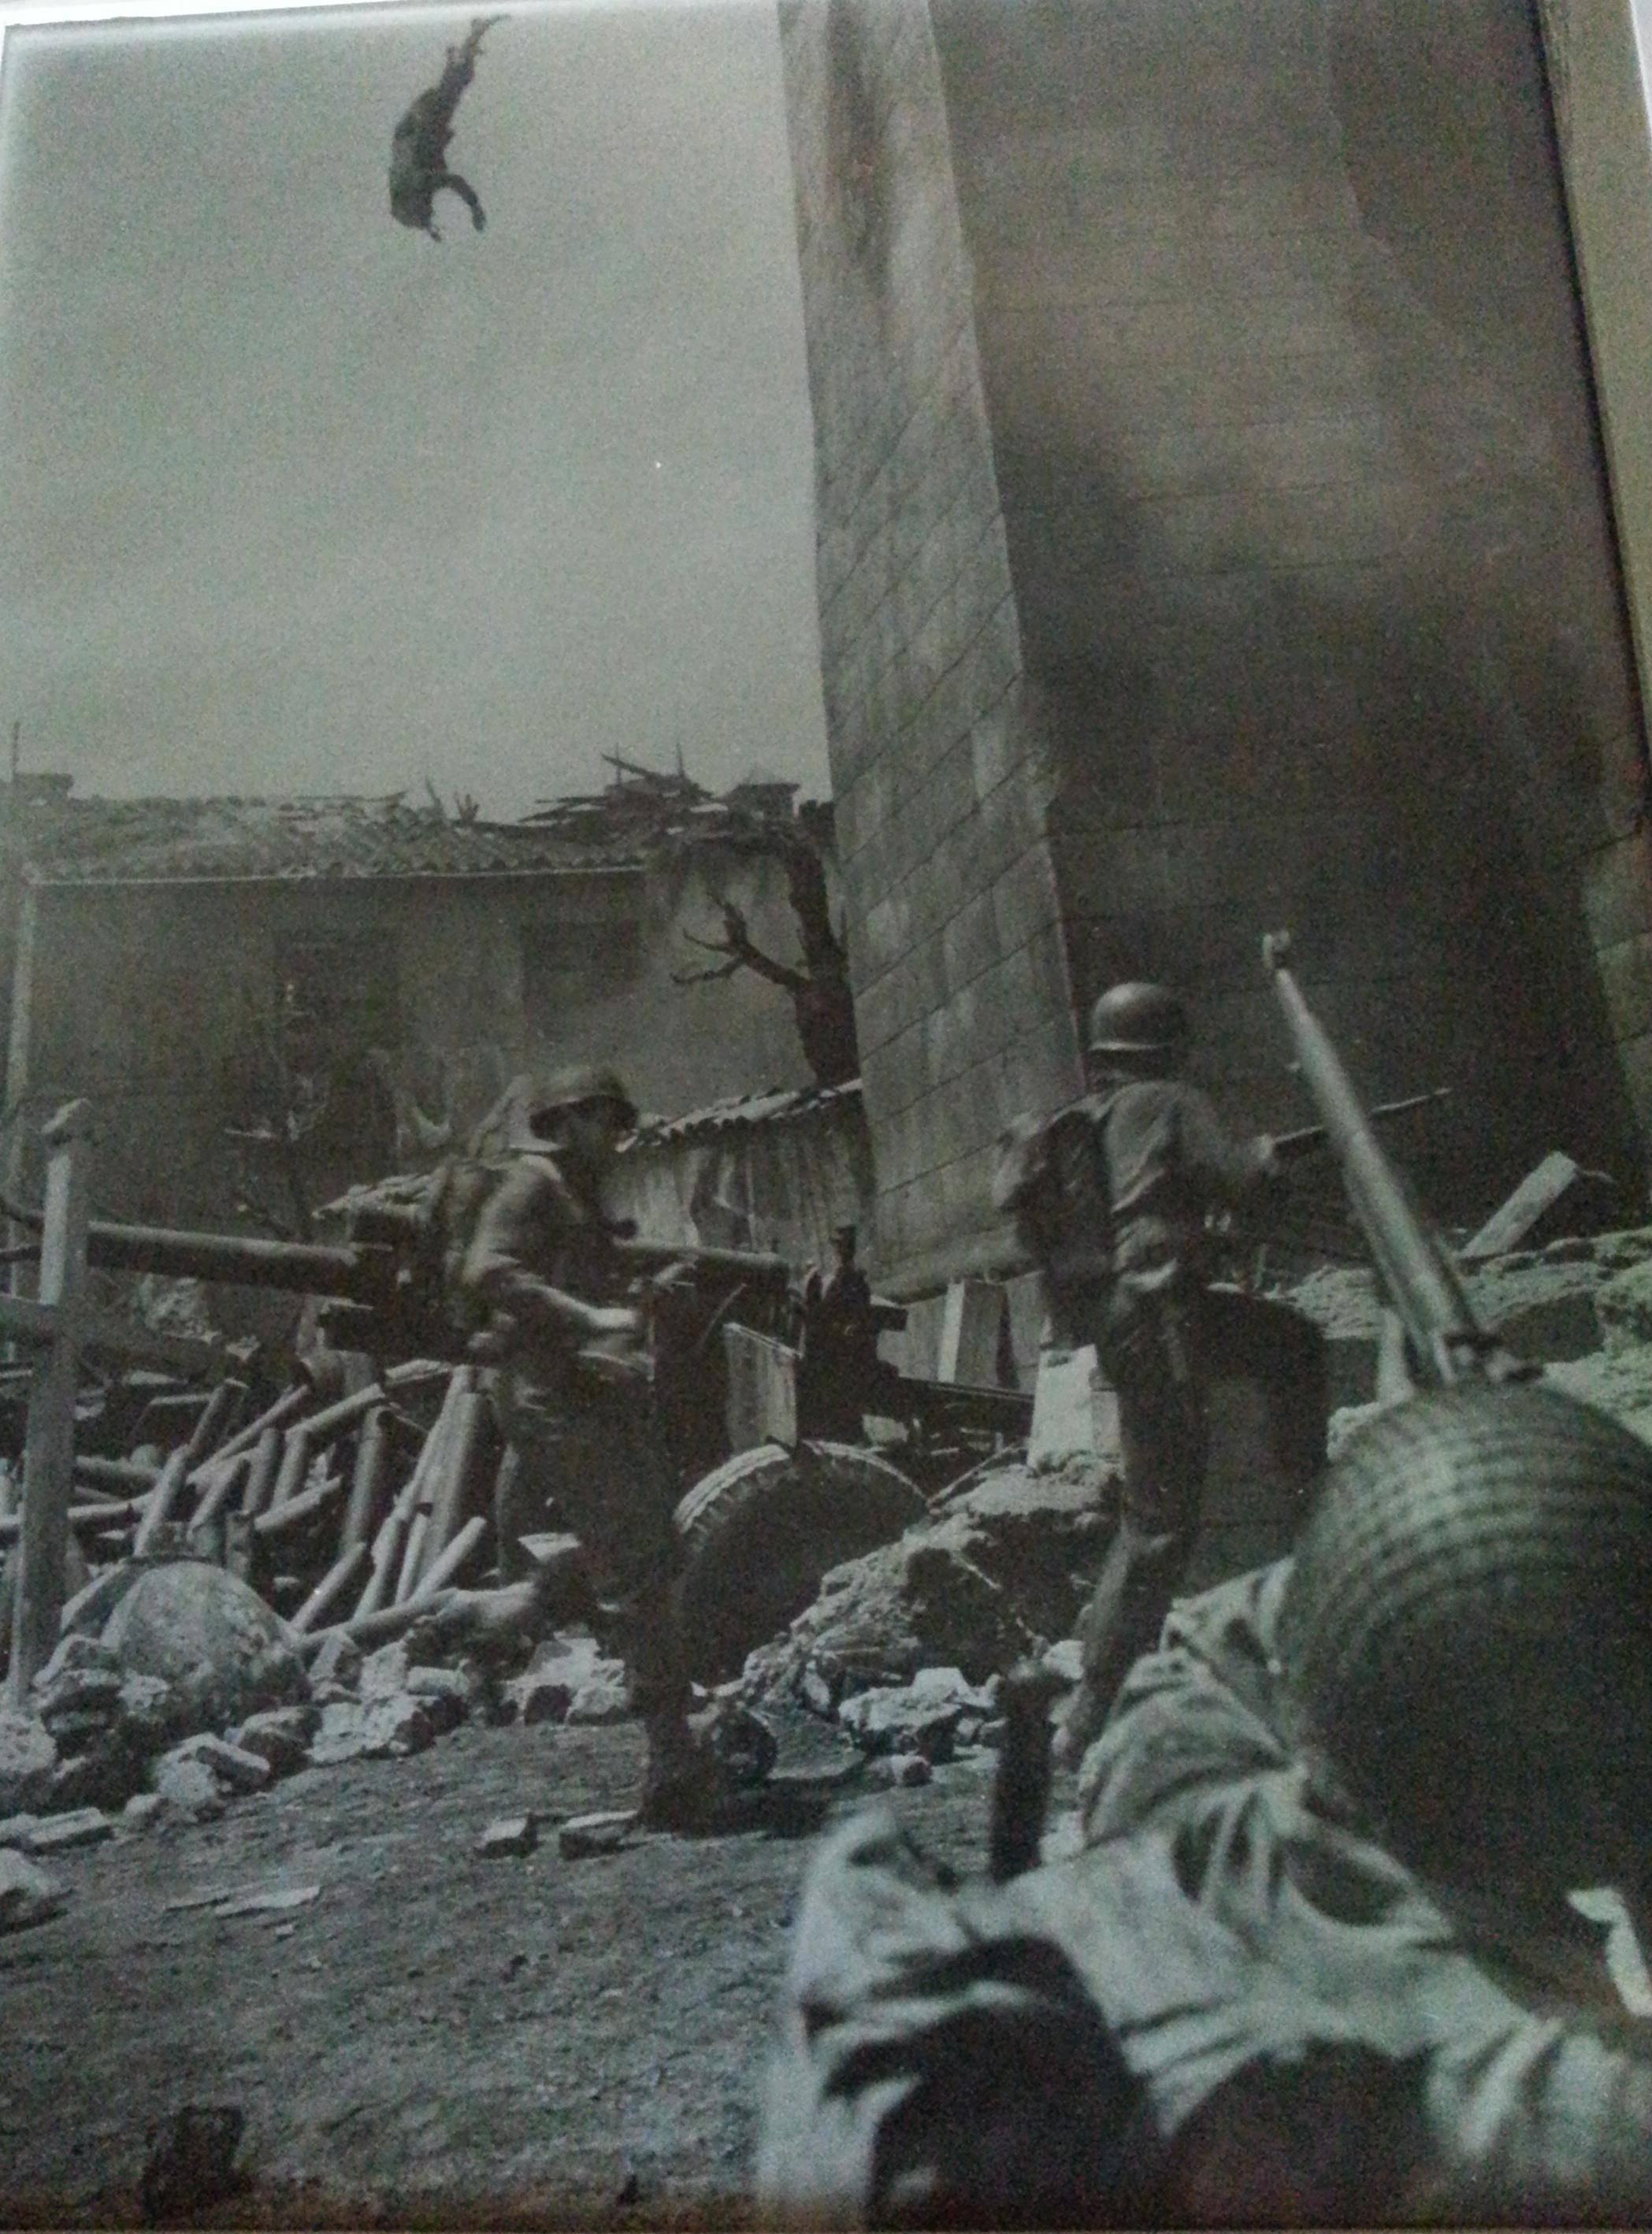 1944. Elképesztő, ha nem manipulált. Egy árverésen vásárolt ismeretlen fotós képe. Szövetségesek valahol Olaszországban. Kilőtt mesterlövész zuhan le a toronyból..jpg